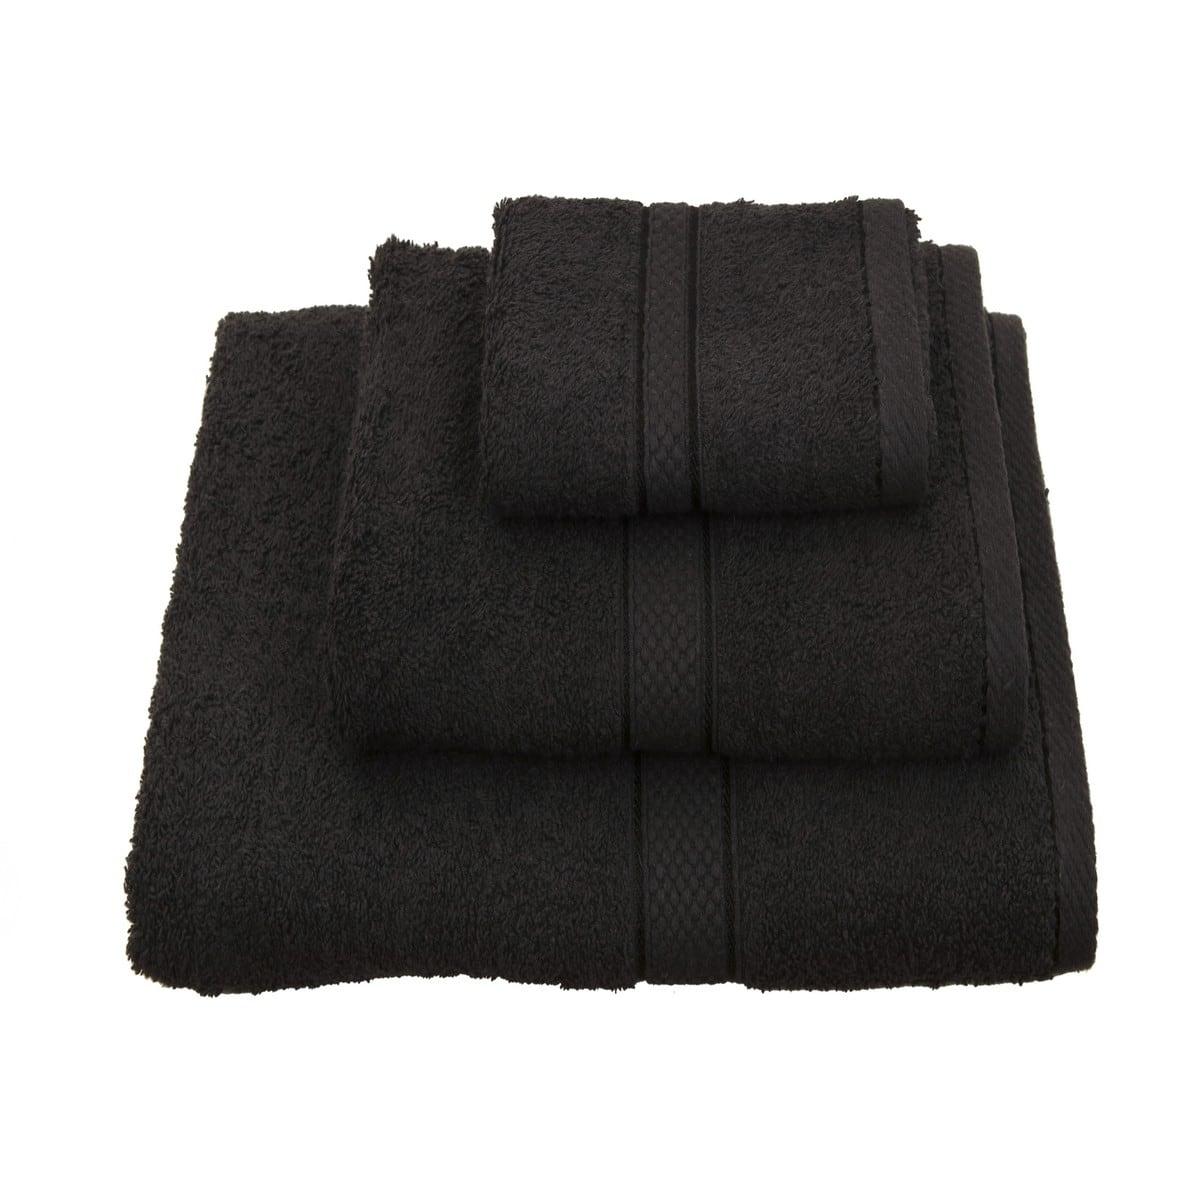 Πετσέτα Classic Μαύρη Viopros Σώματος 80x160cm